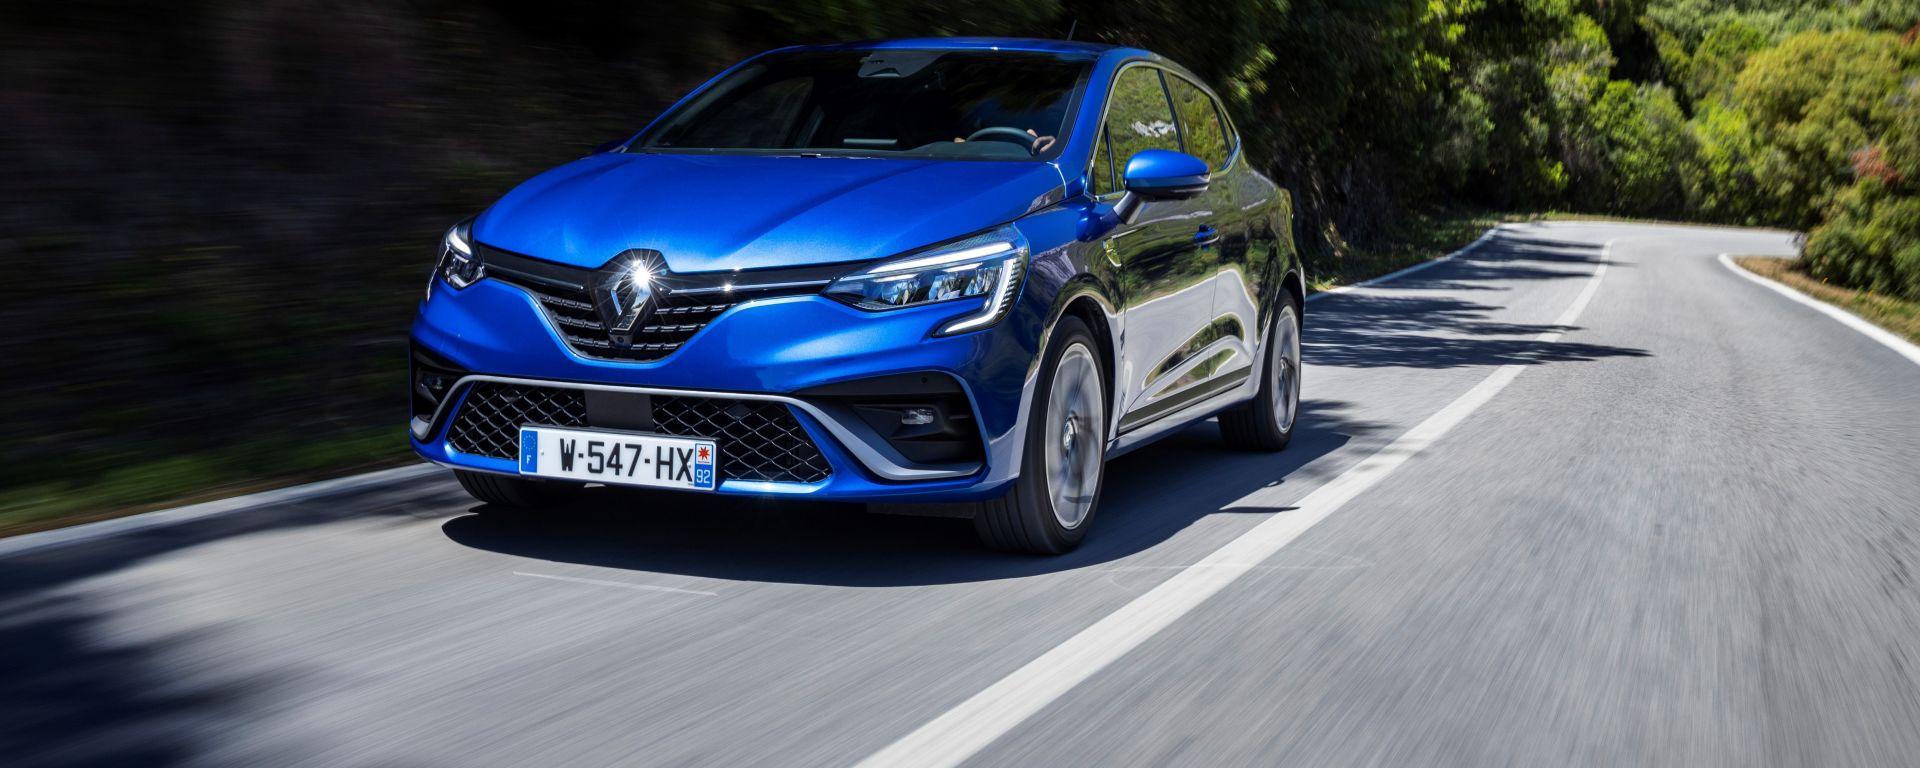 Nuova Renault Clio 2019: vista 3/4 anteriore